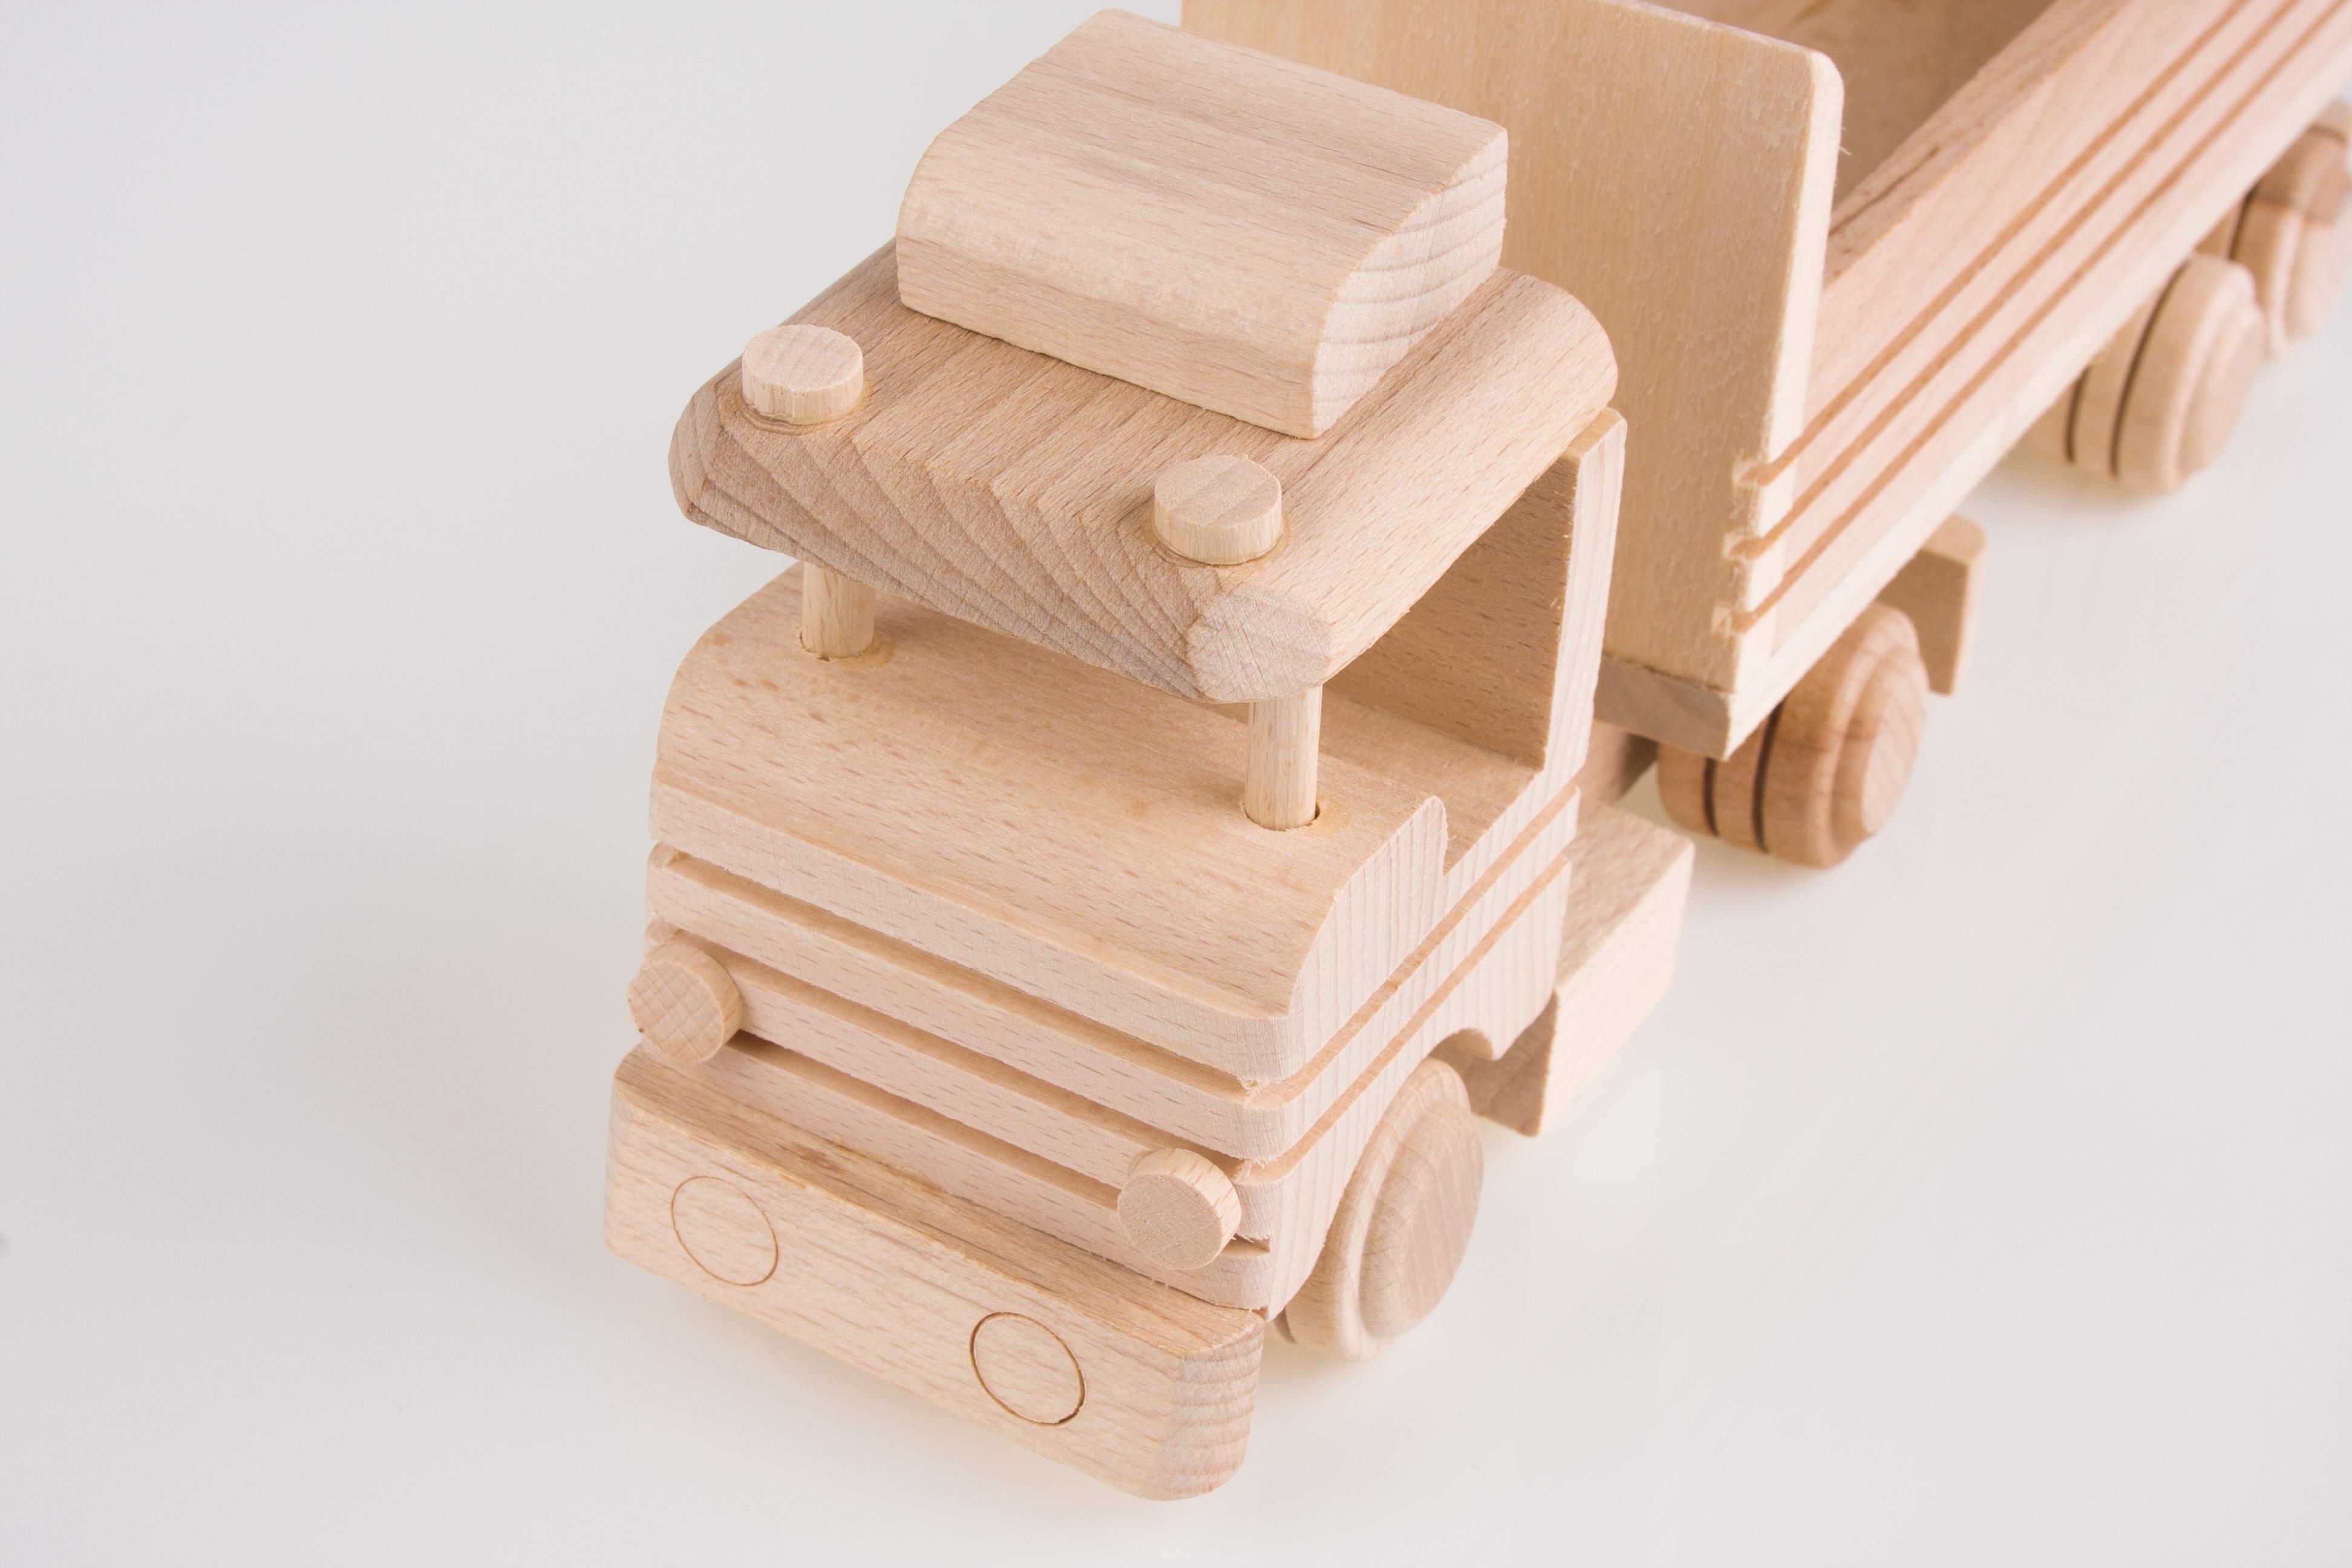 tradycyjna-zabawka-ludowa-eko-folk-star-z-naczepa-bez-przykrycia-8623